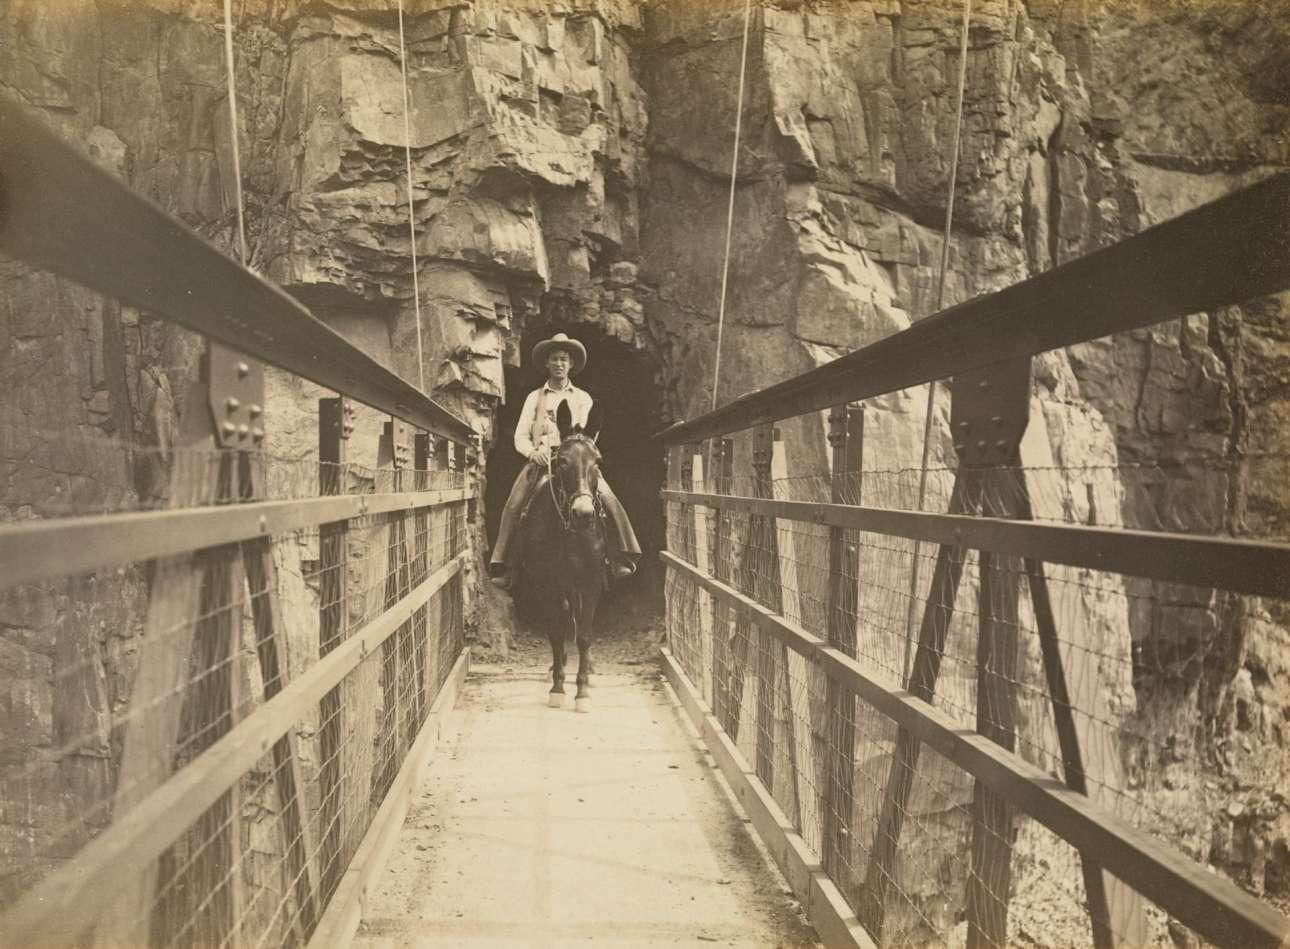 Ανδρας καβάλα σε μουλάρι διασχίζει την κρεμαστή γέφυρα Kaibab, το 1930